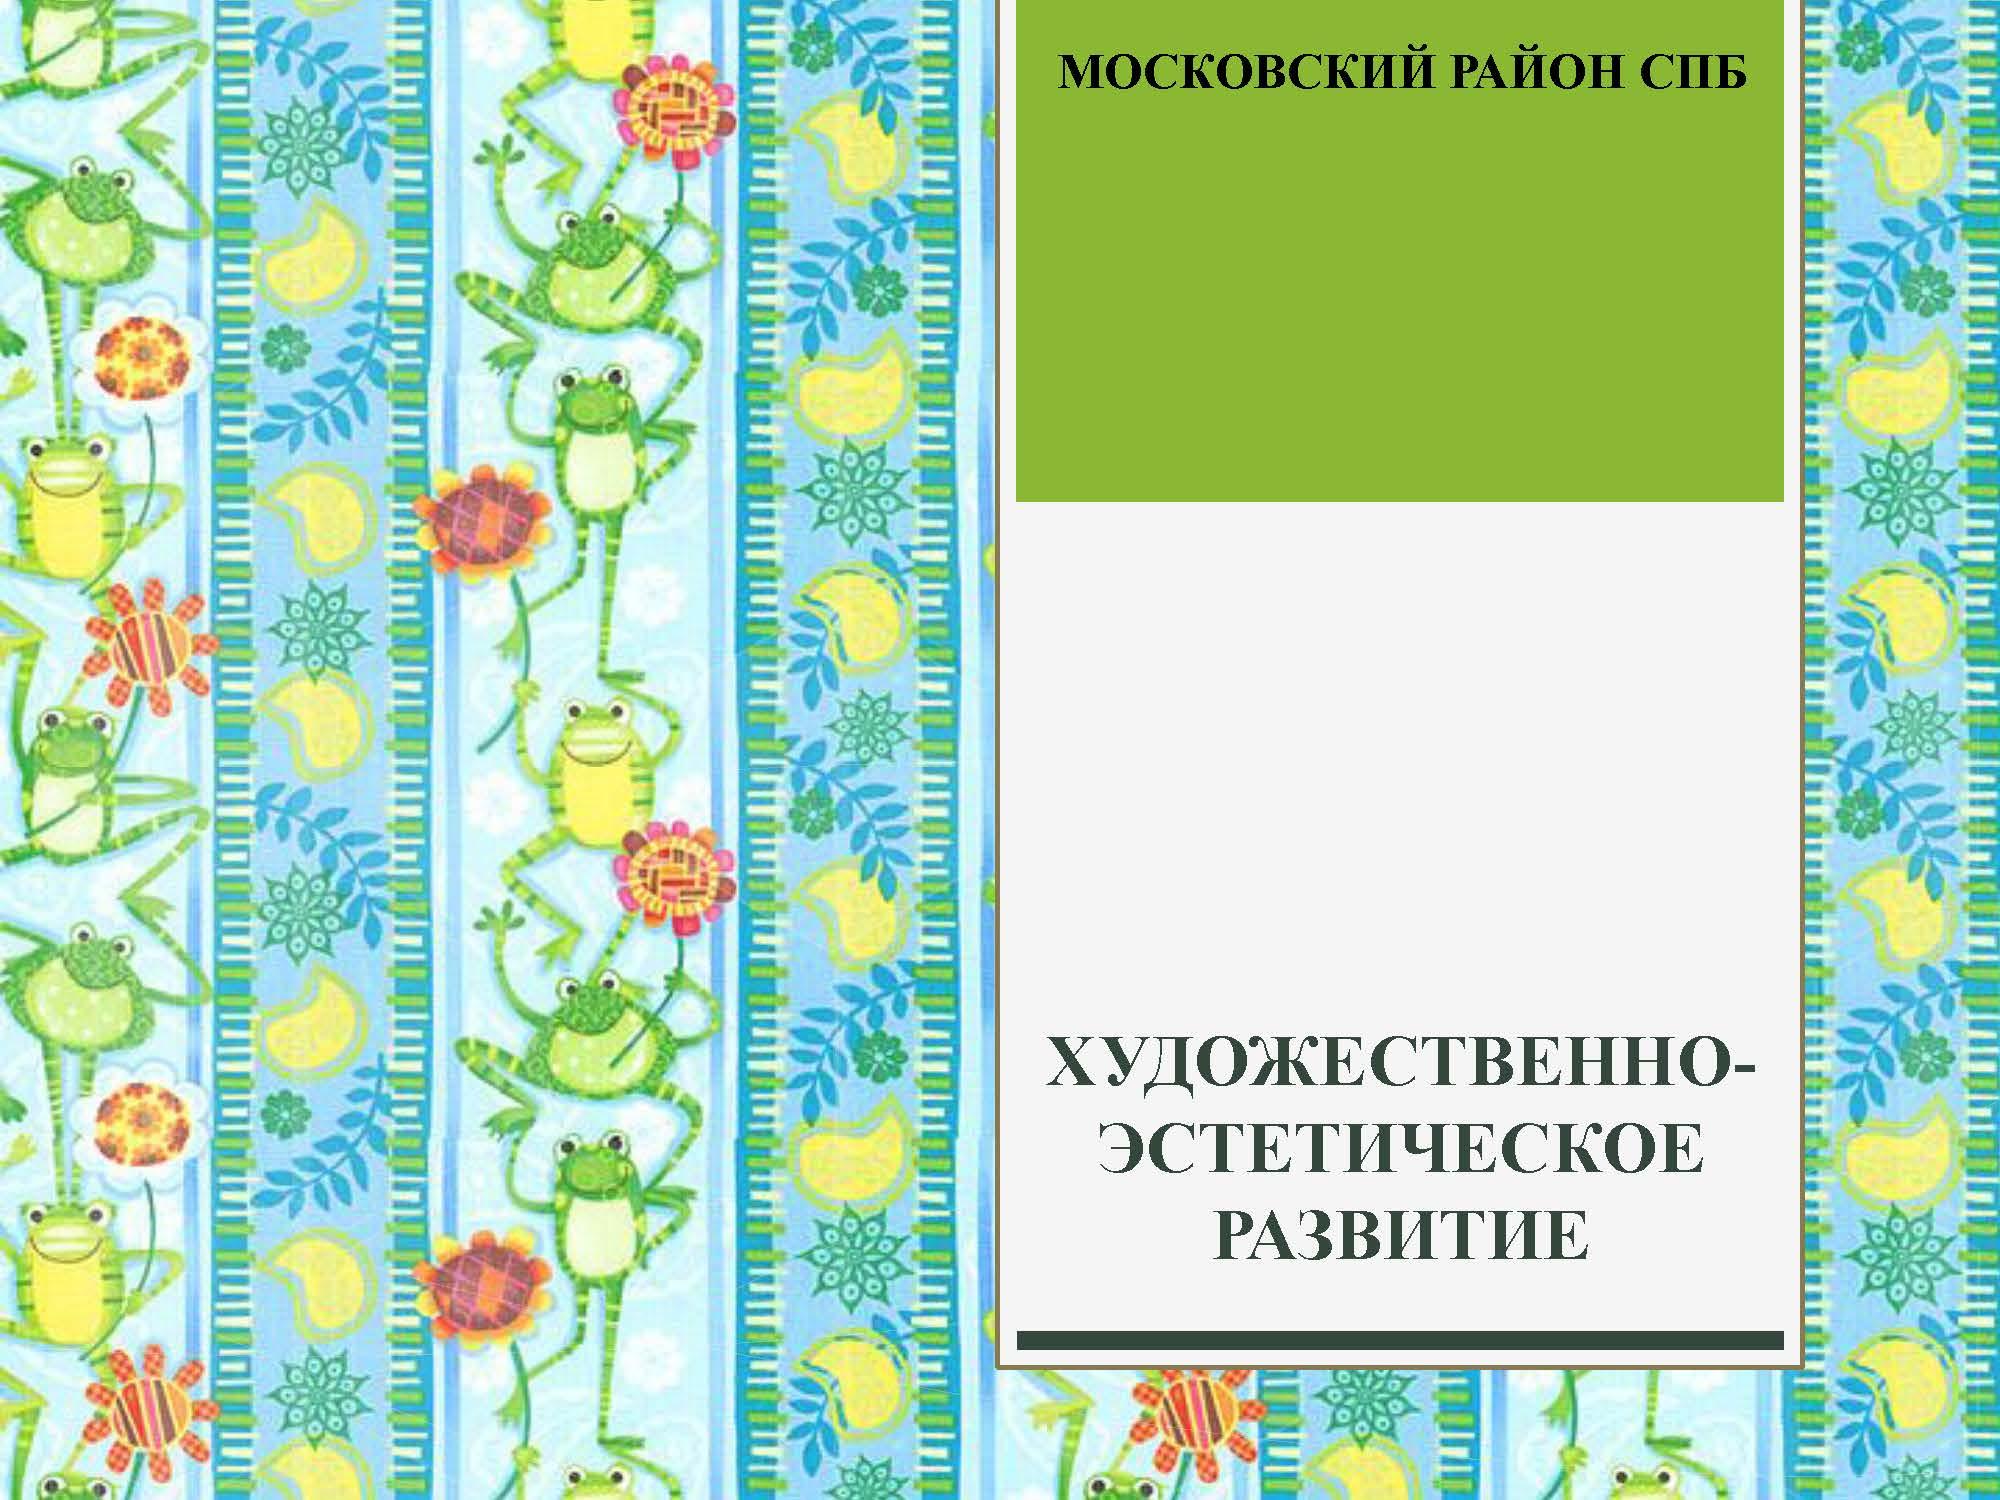 секция 8. ДОУ 104. Московский район_Страница_40